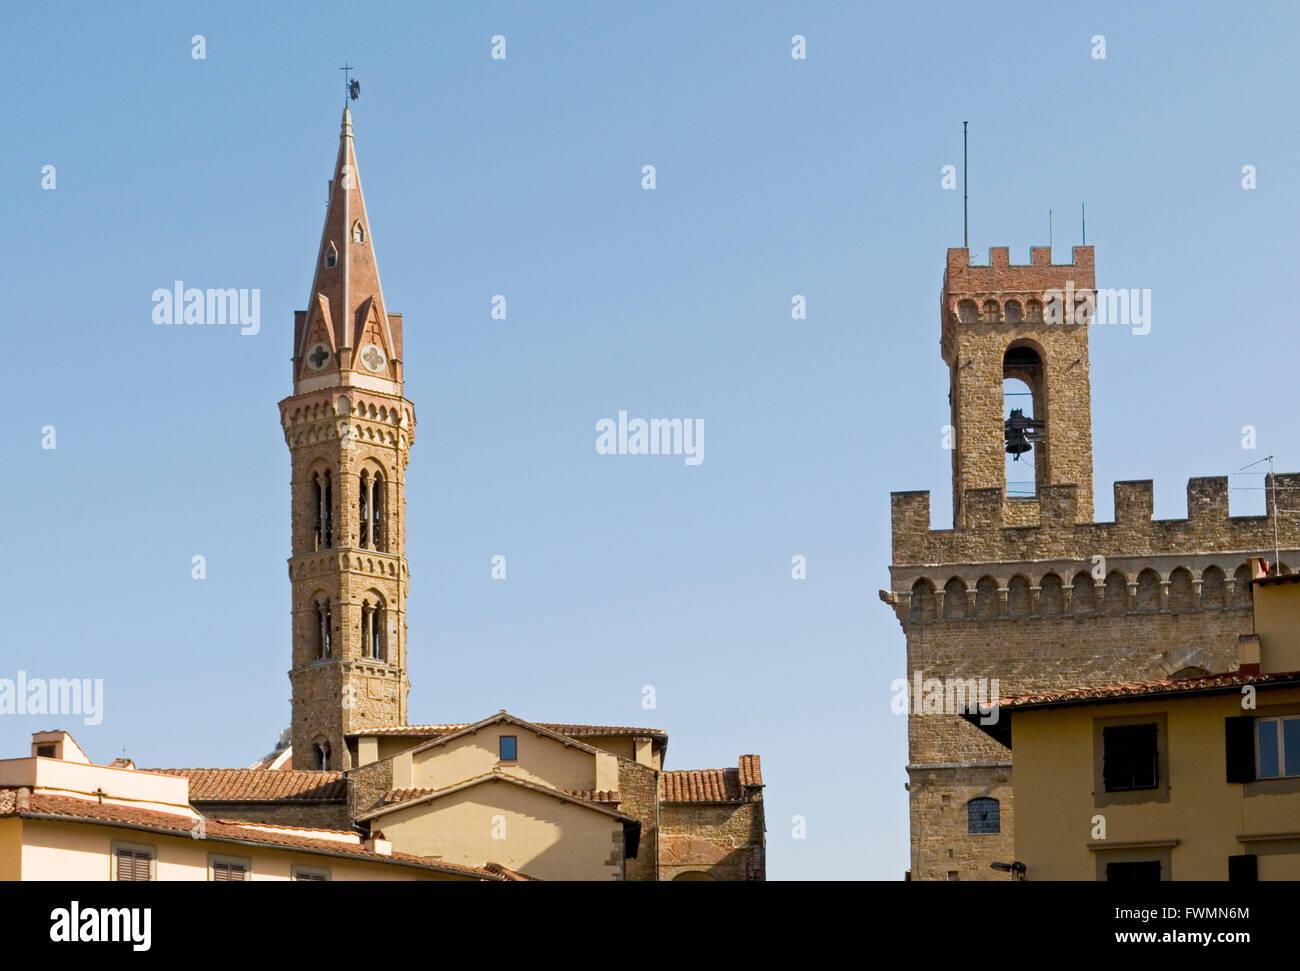 Badia Fiorentina chiesa torre e Palazzo del Bargello tower, Firenze, Italia Foto Stock